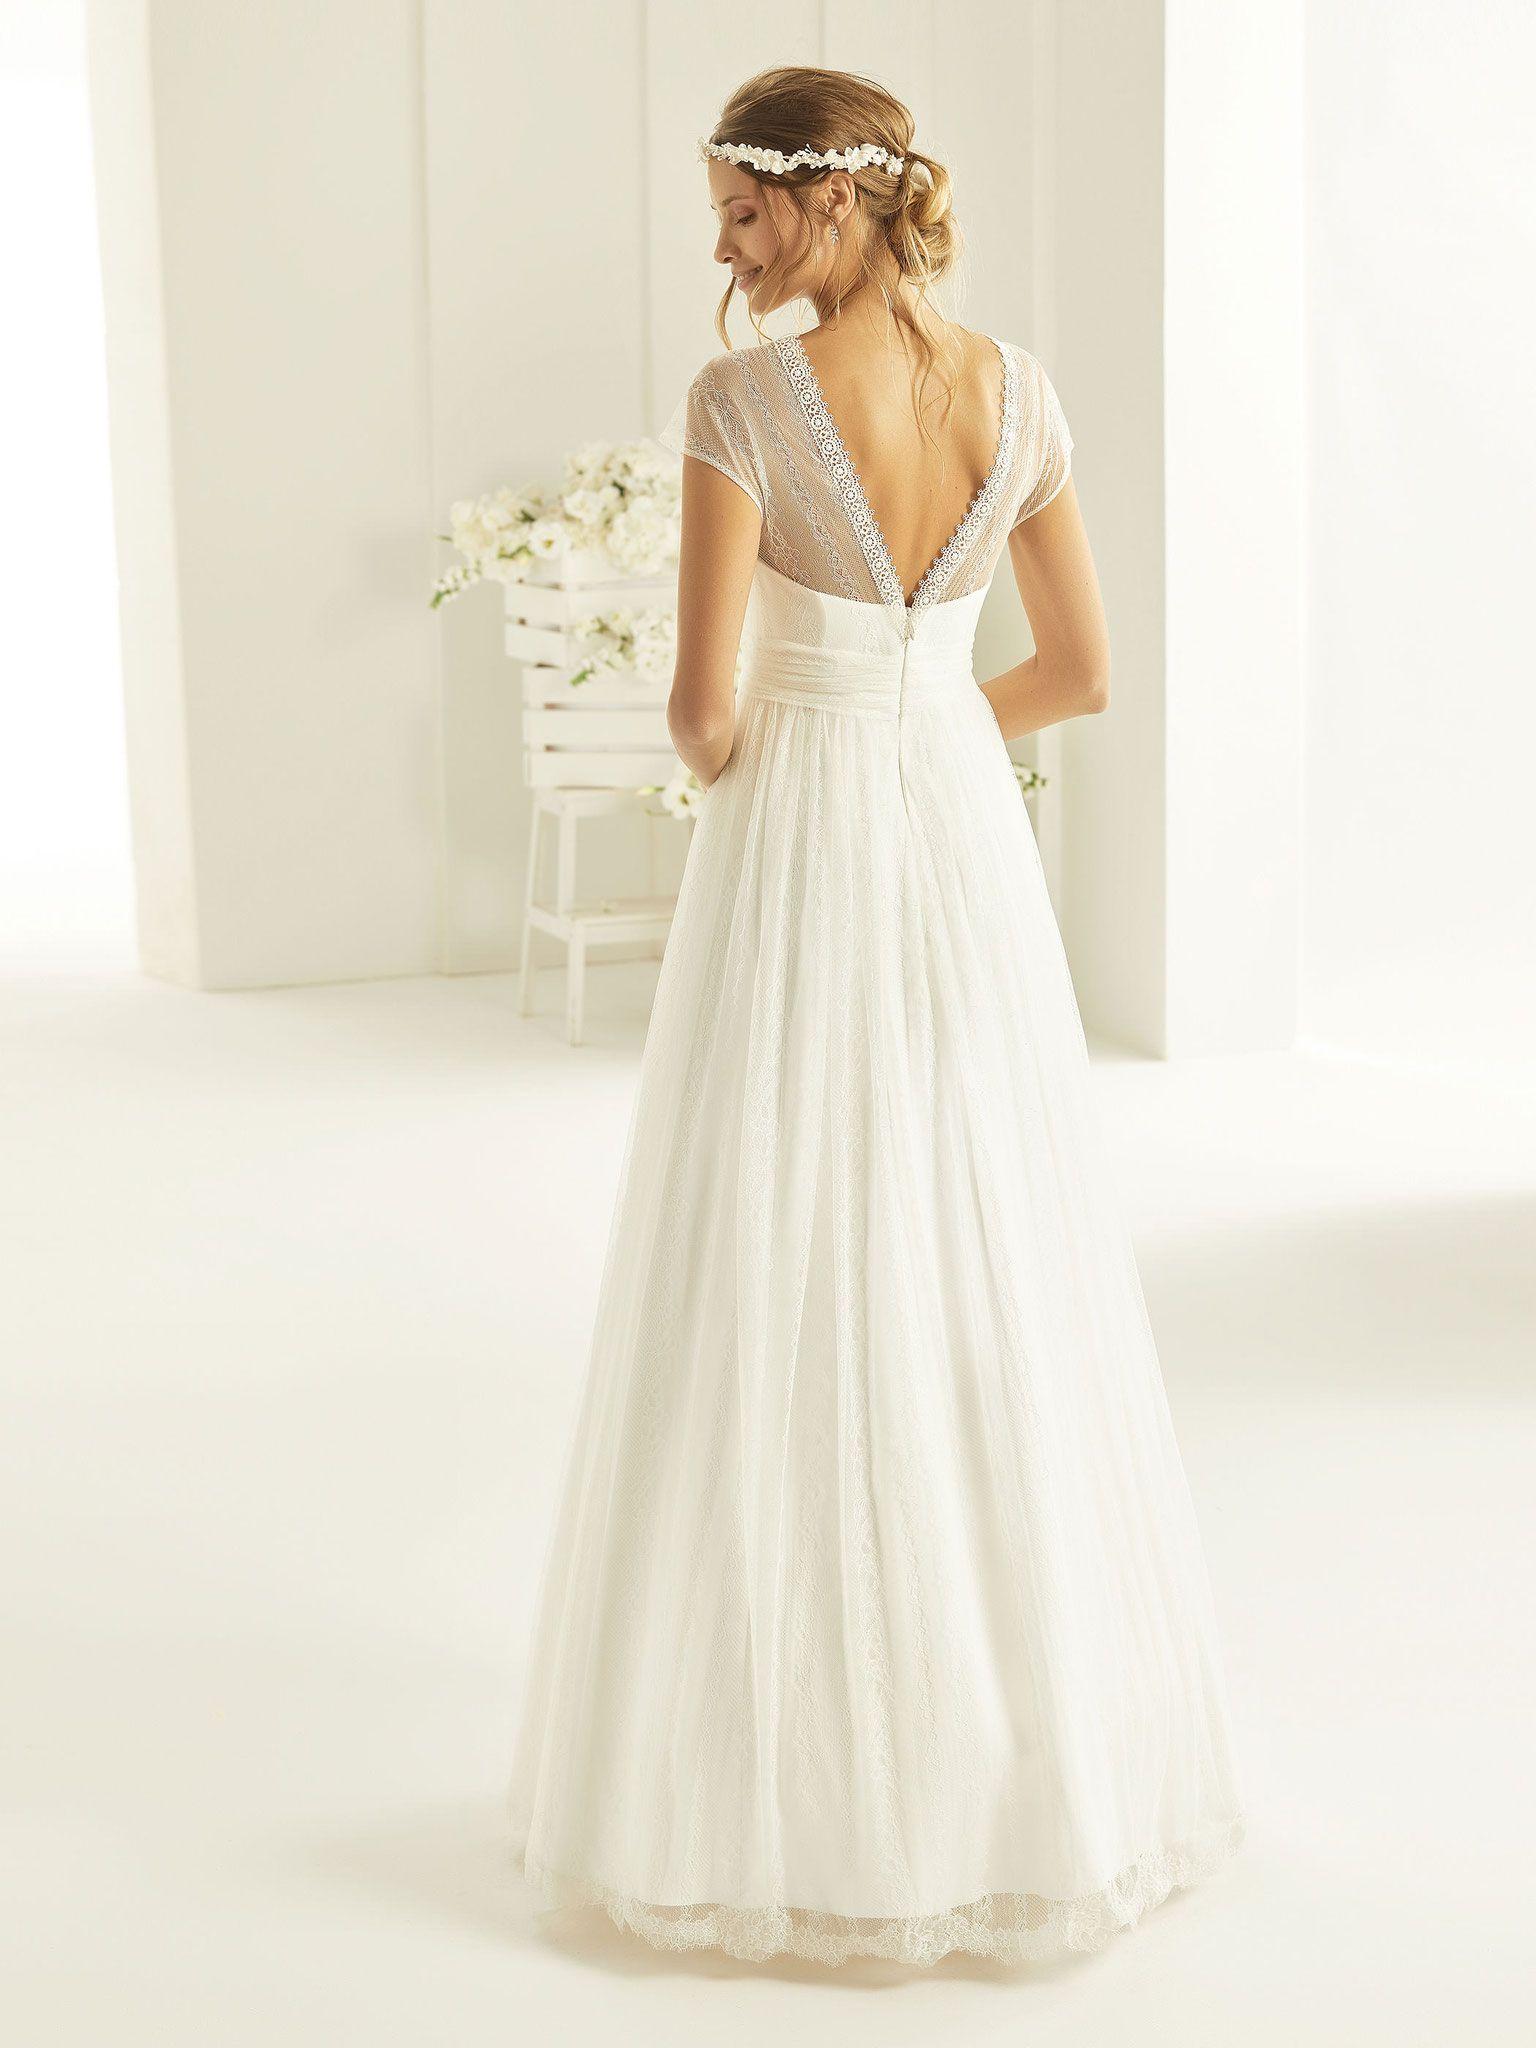 A-Linie Brautkleid aus hochwertiger Spitze. Bianco Evento